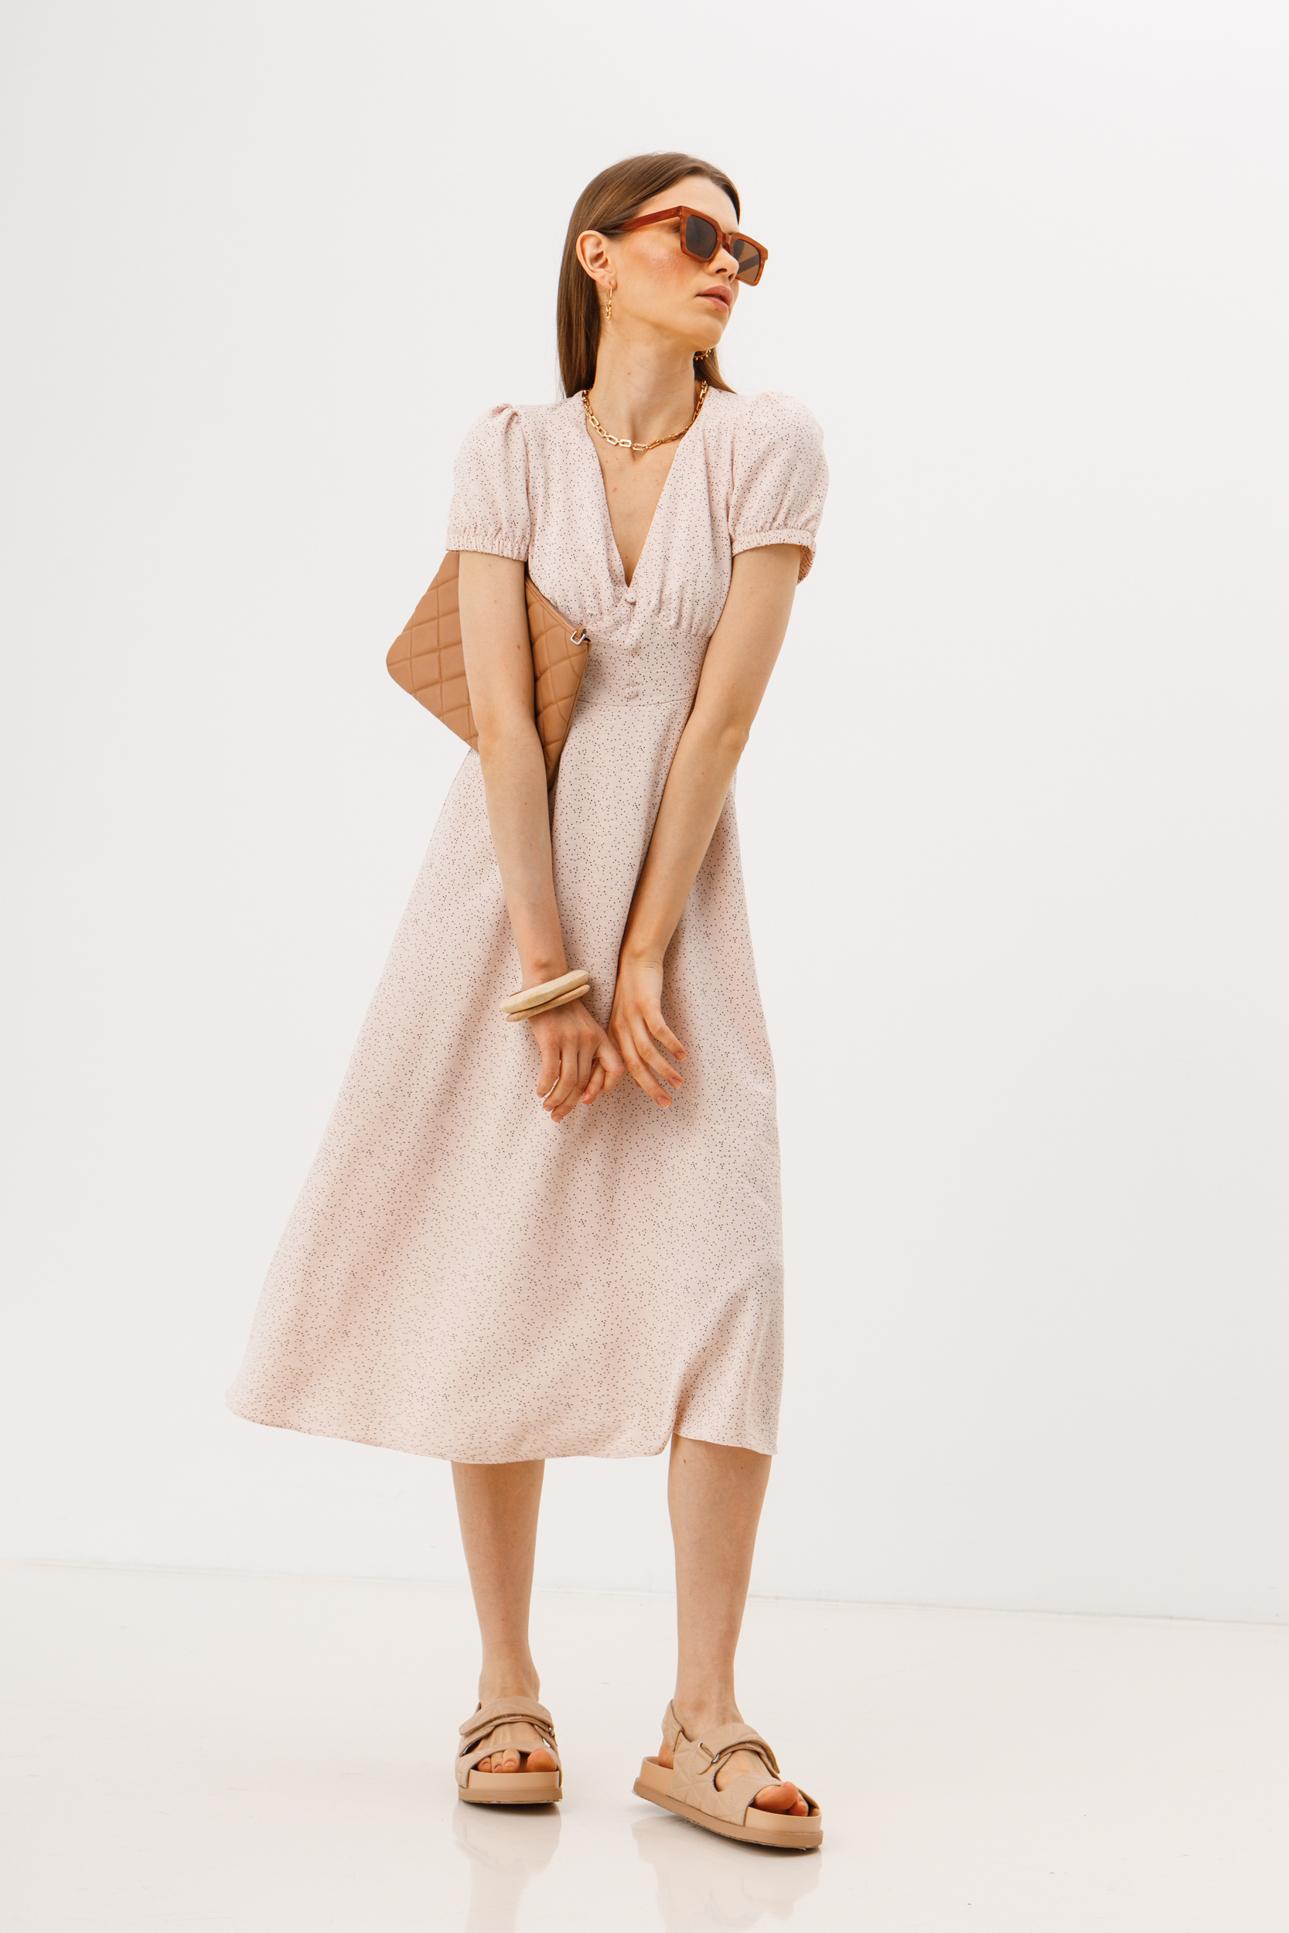 Женское платье Stimma Сушон 7236 L Серый